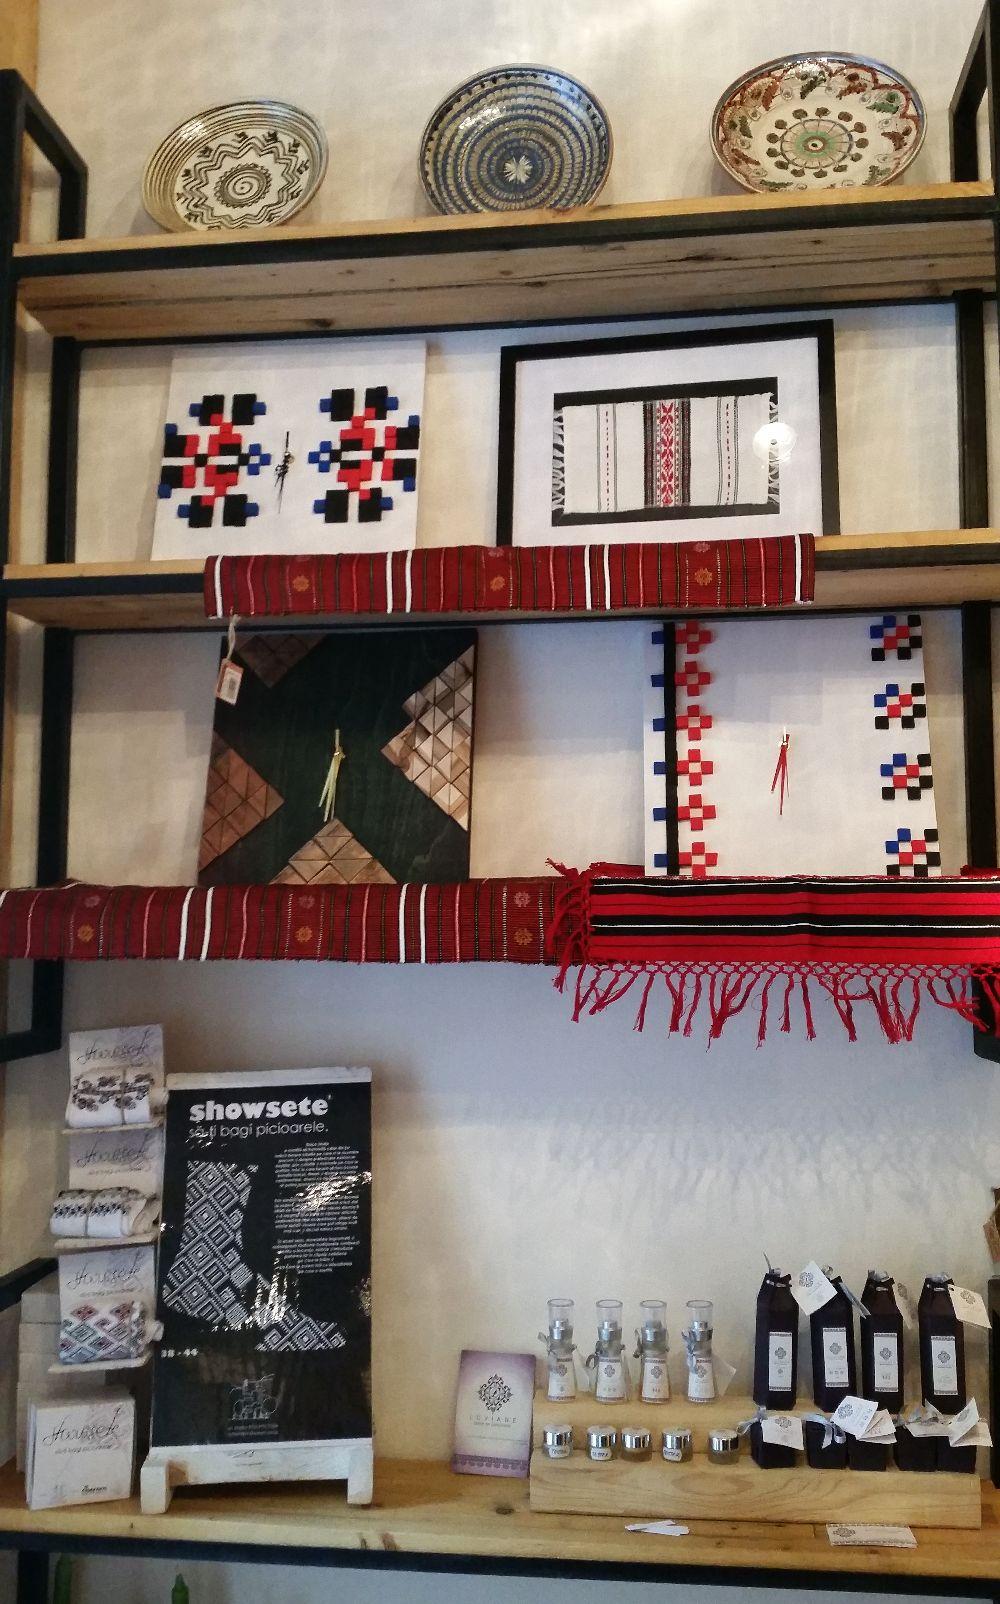 adelaparvu.com despremagazin cu obiecte traditionale, My Romanian Store Bucharest (10)